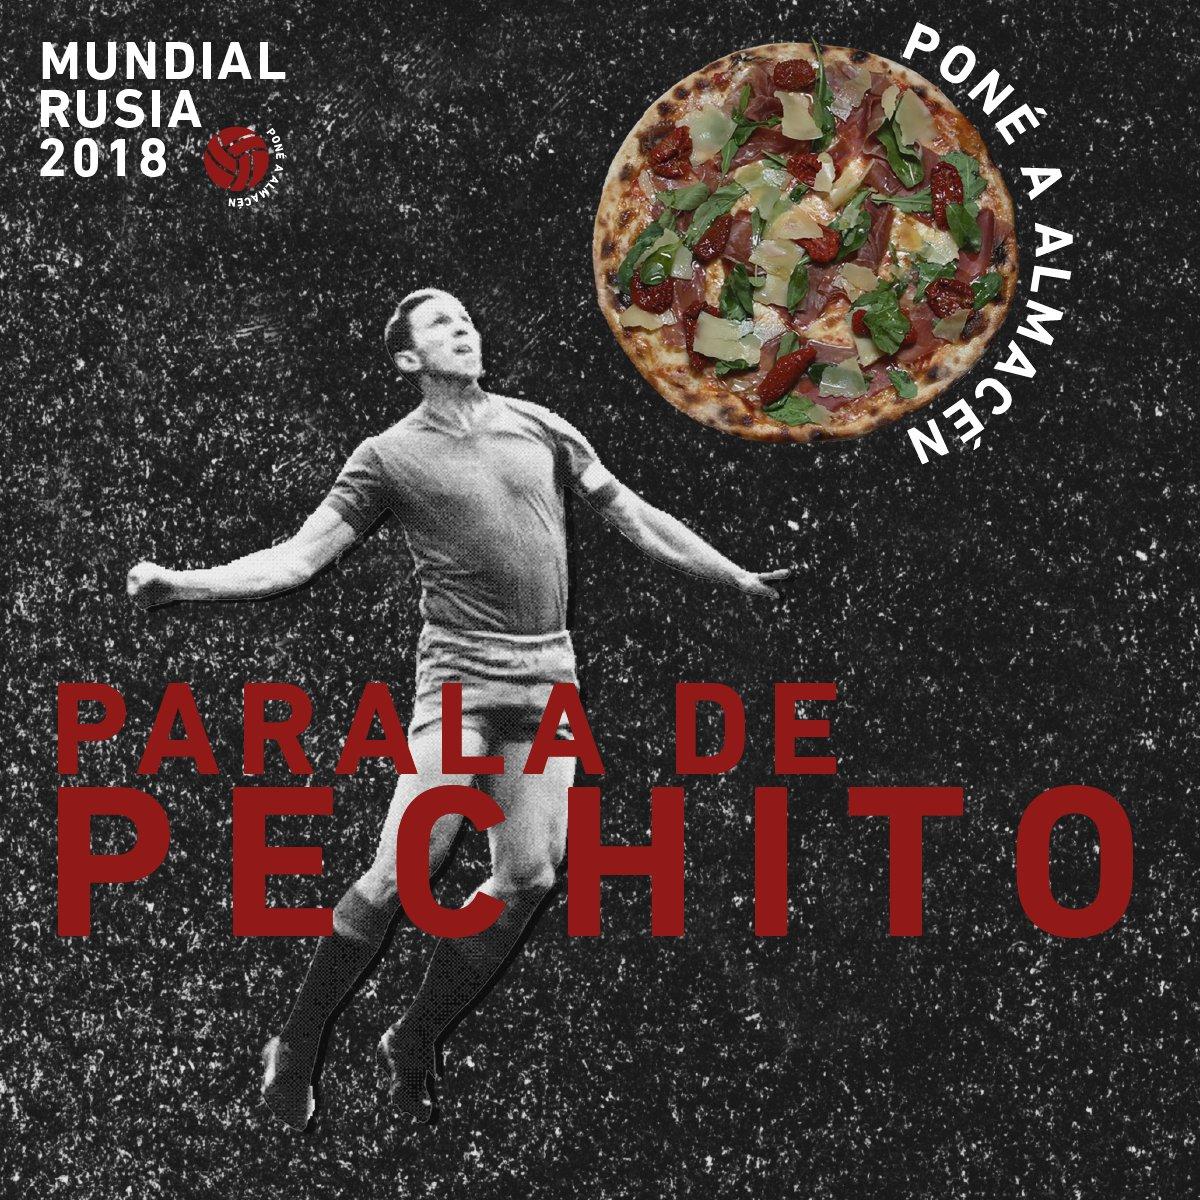 Almacen De Pizzas On Twitter Habemus Mundial Vení A Ver